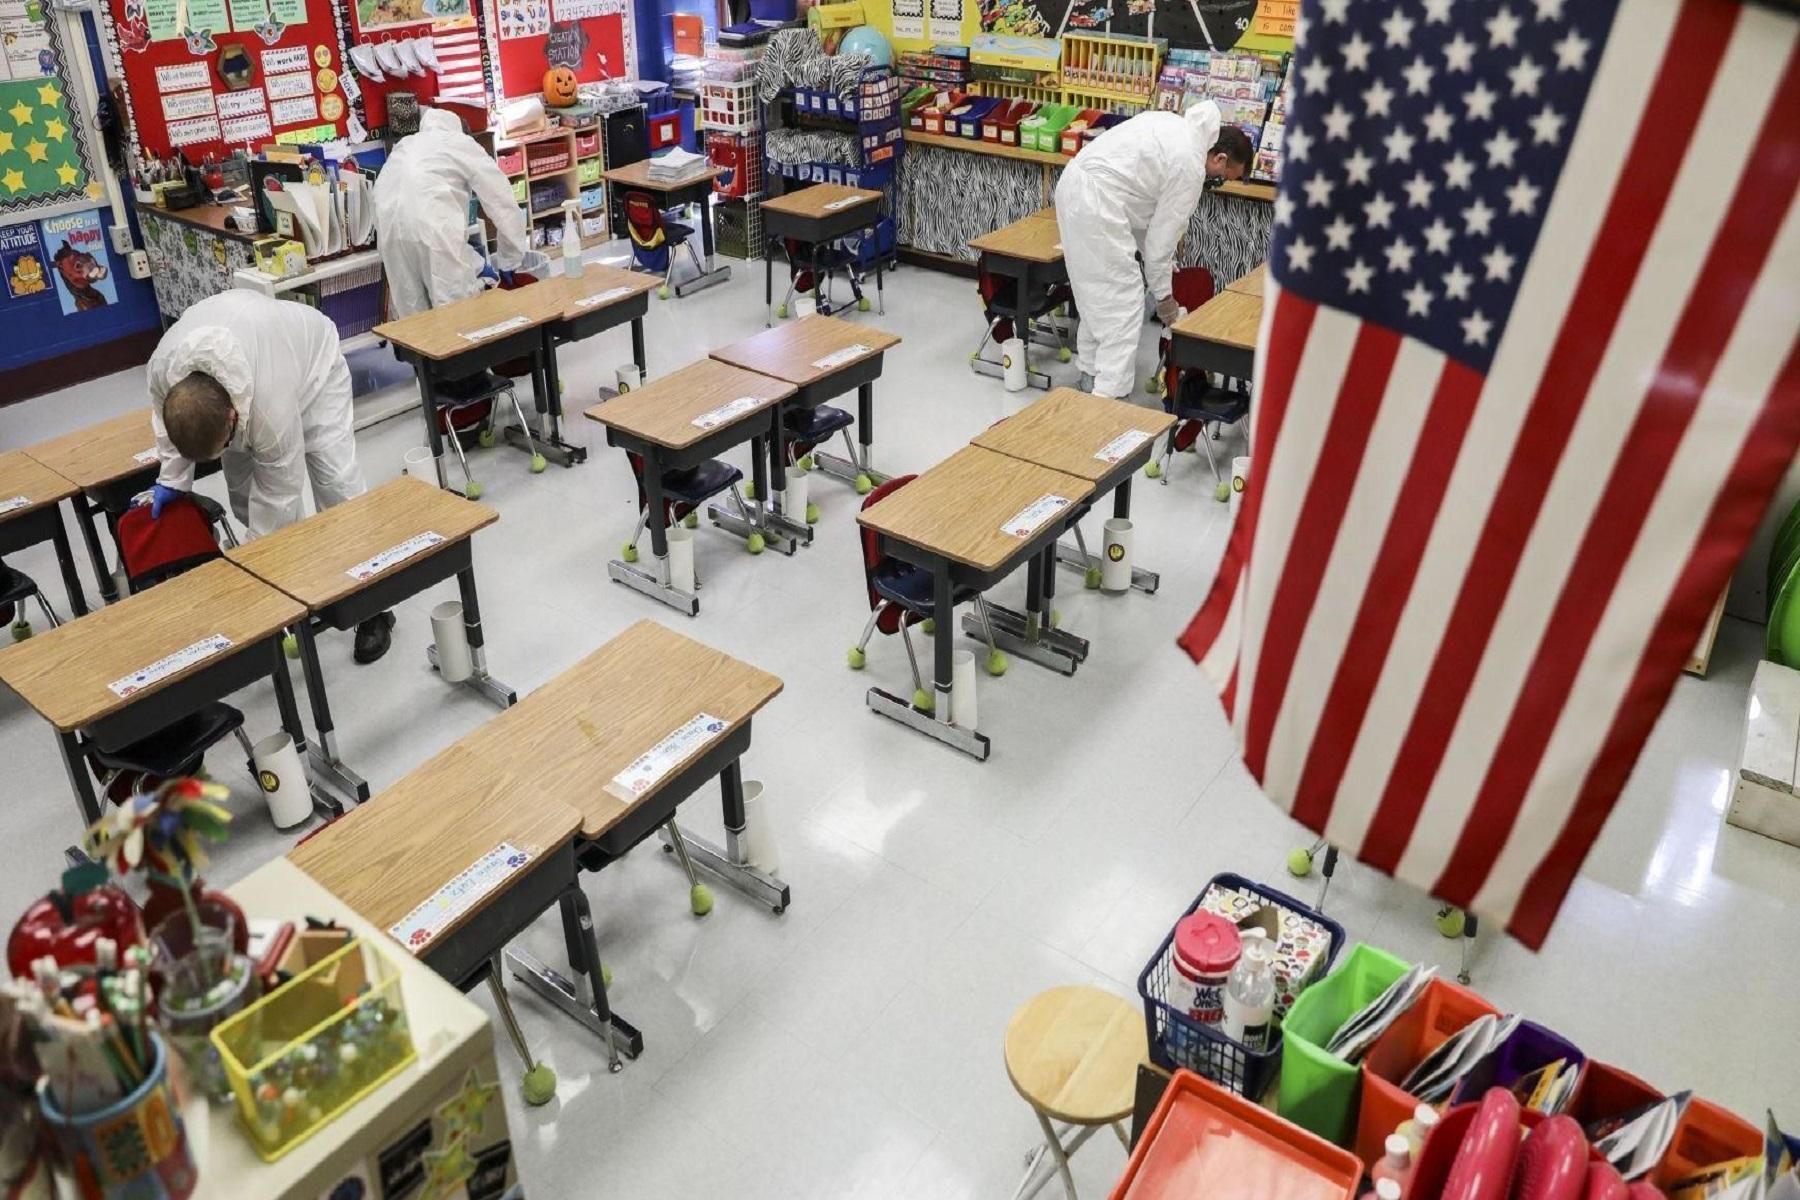 ΗΠΑ Εκπαίδευση: Πιλοτική μελέτη για τη μετάδοση της COVID-19 σε σχολεία